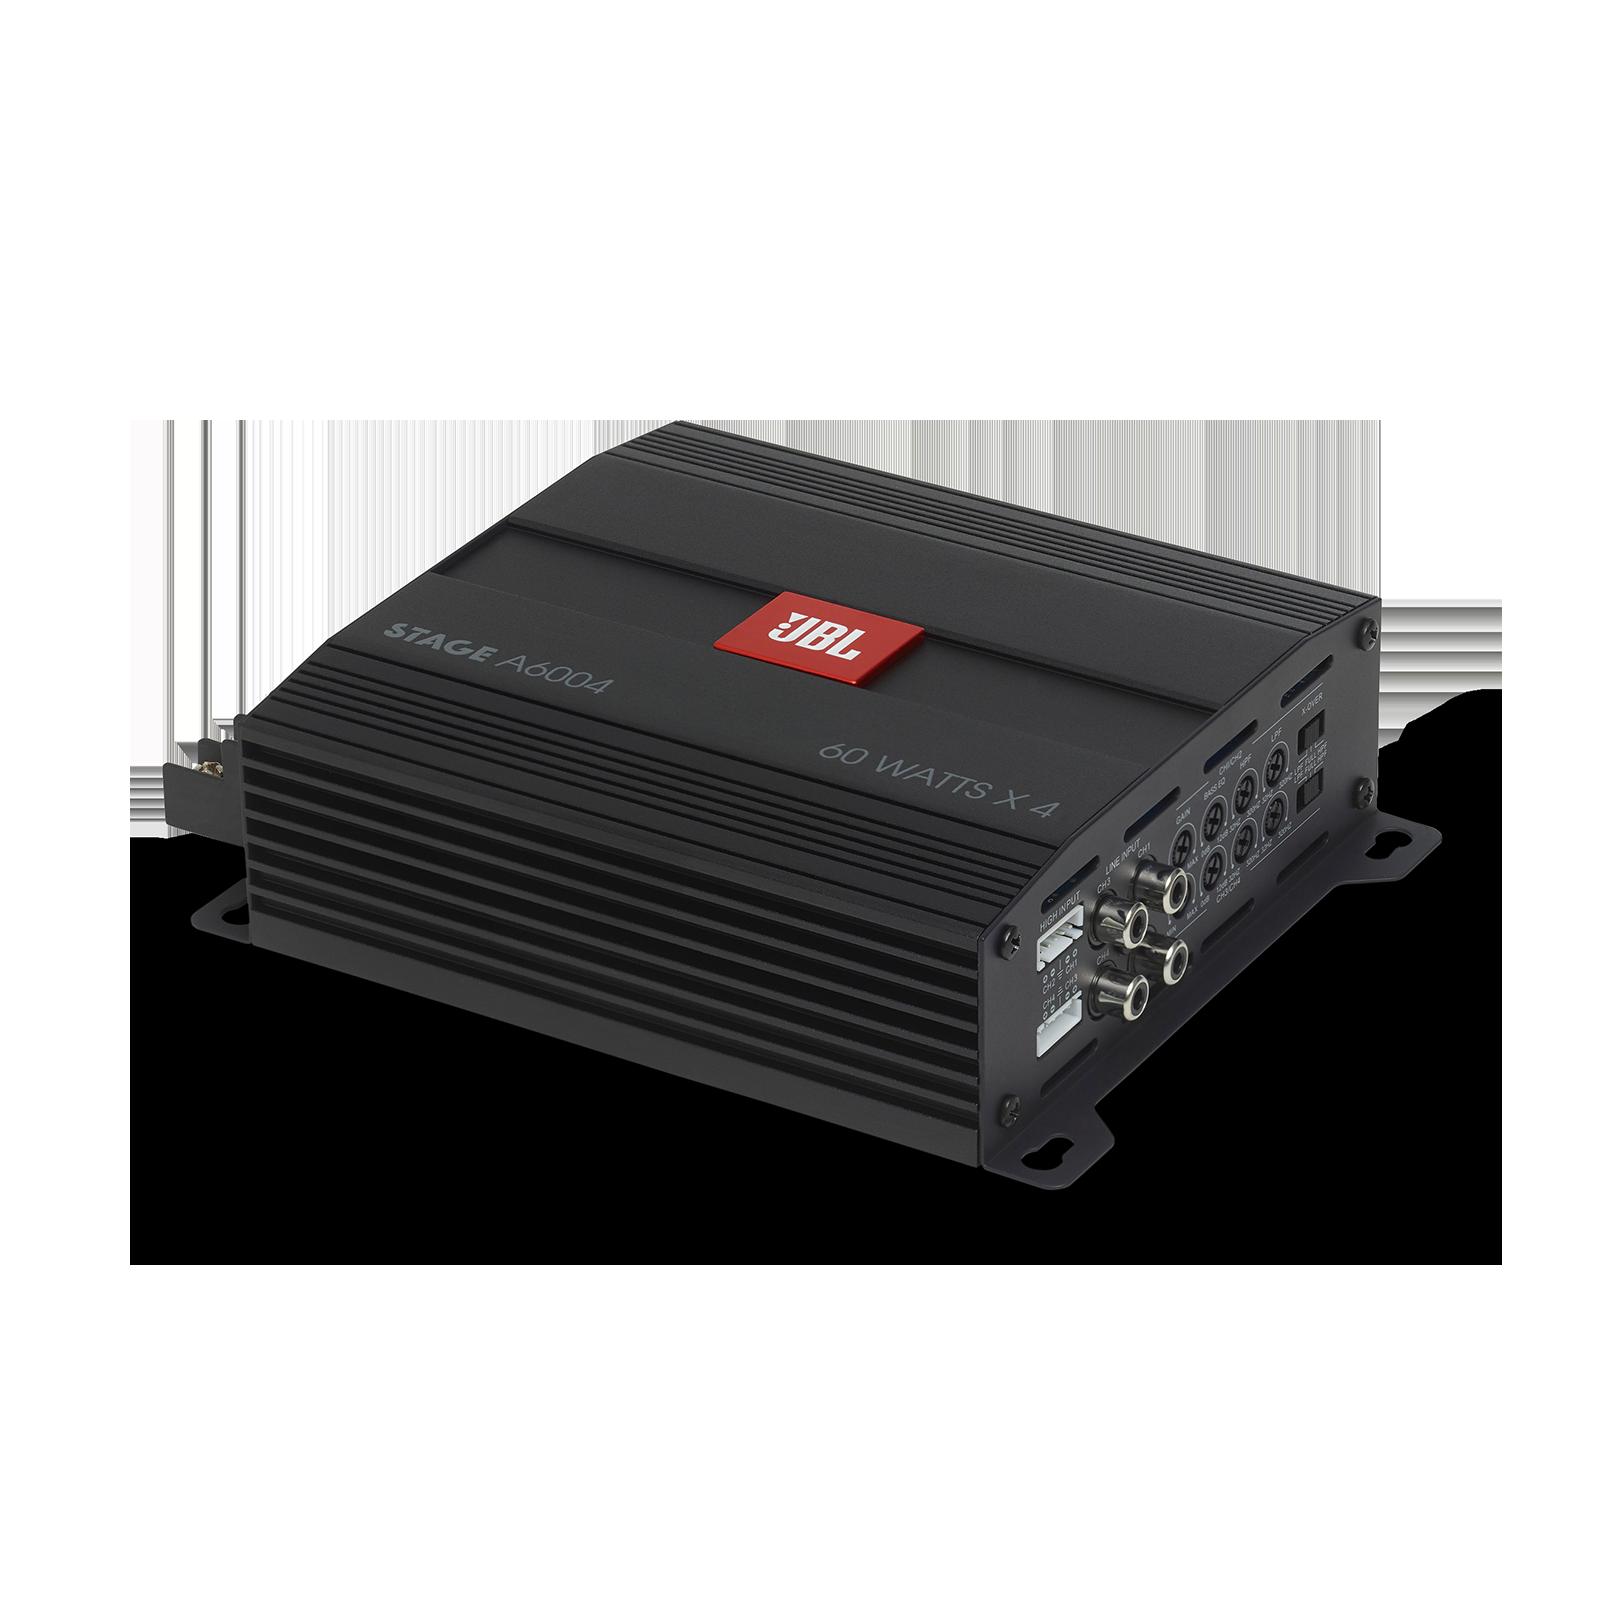 JBL Stage Amplifier A6004 - Black - Class D Car Audio Amplifier - Hero